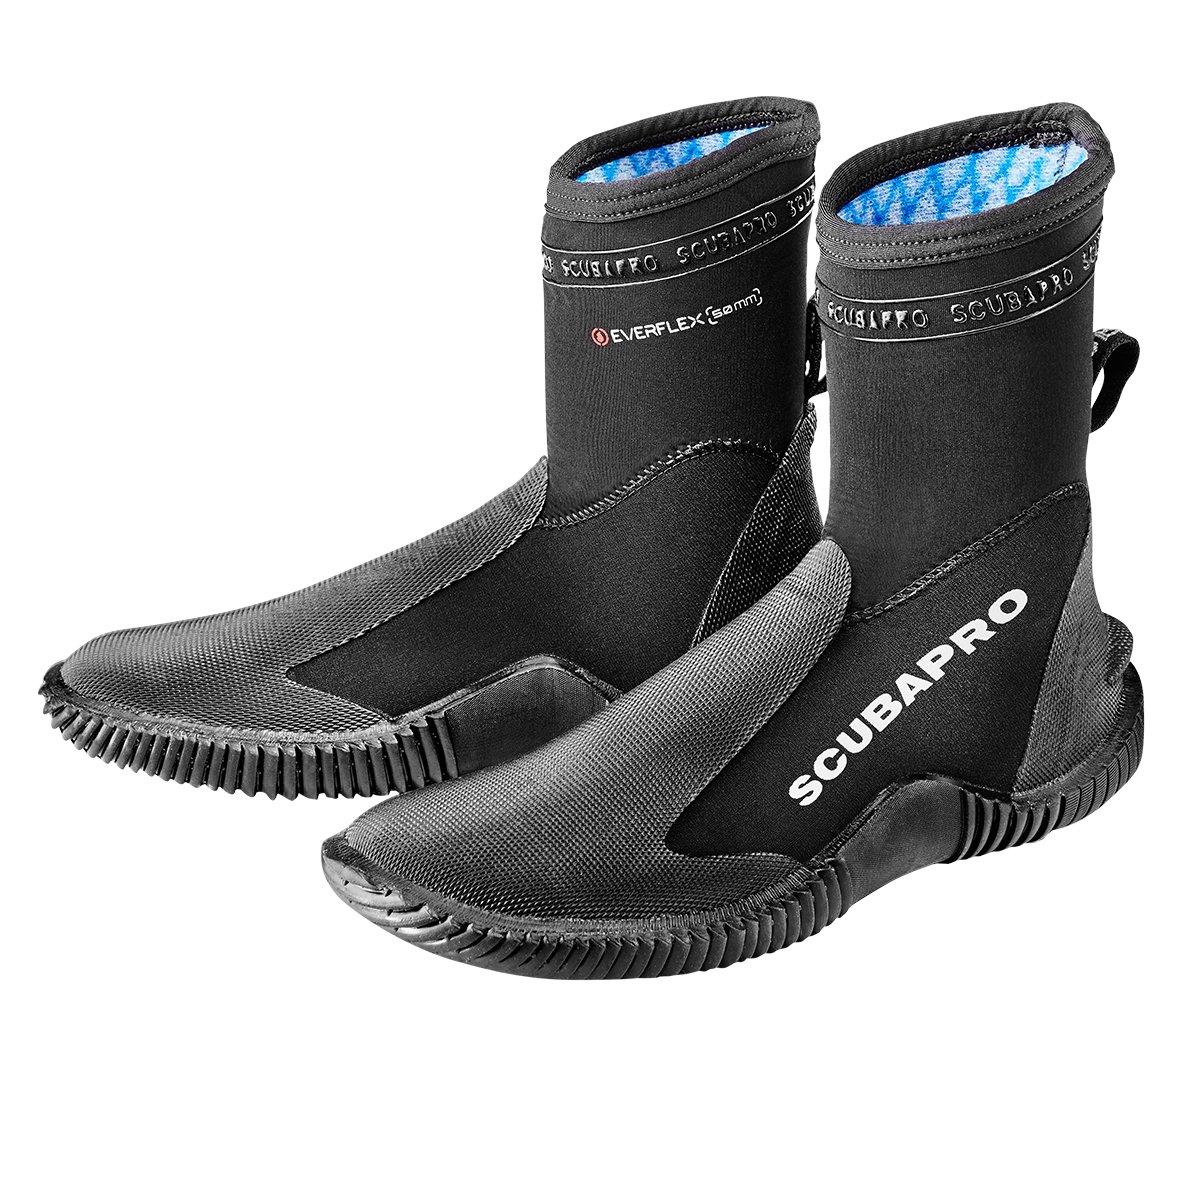 Everflex Arch (No-Zip) Dive Boot 5 mm